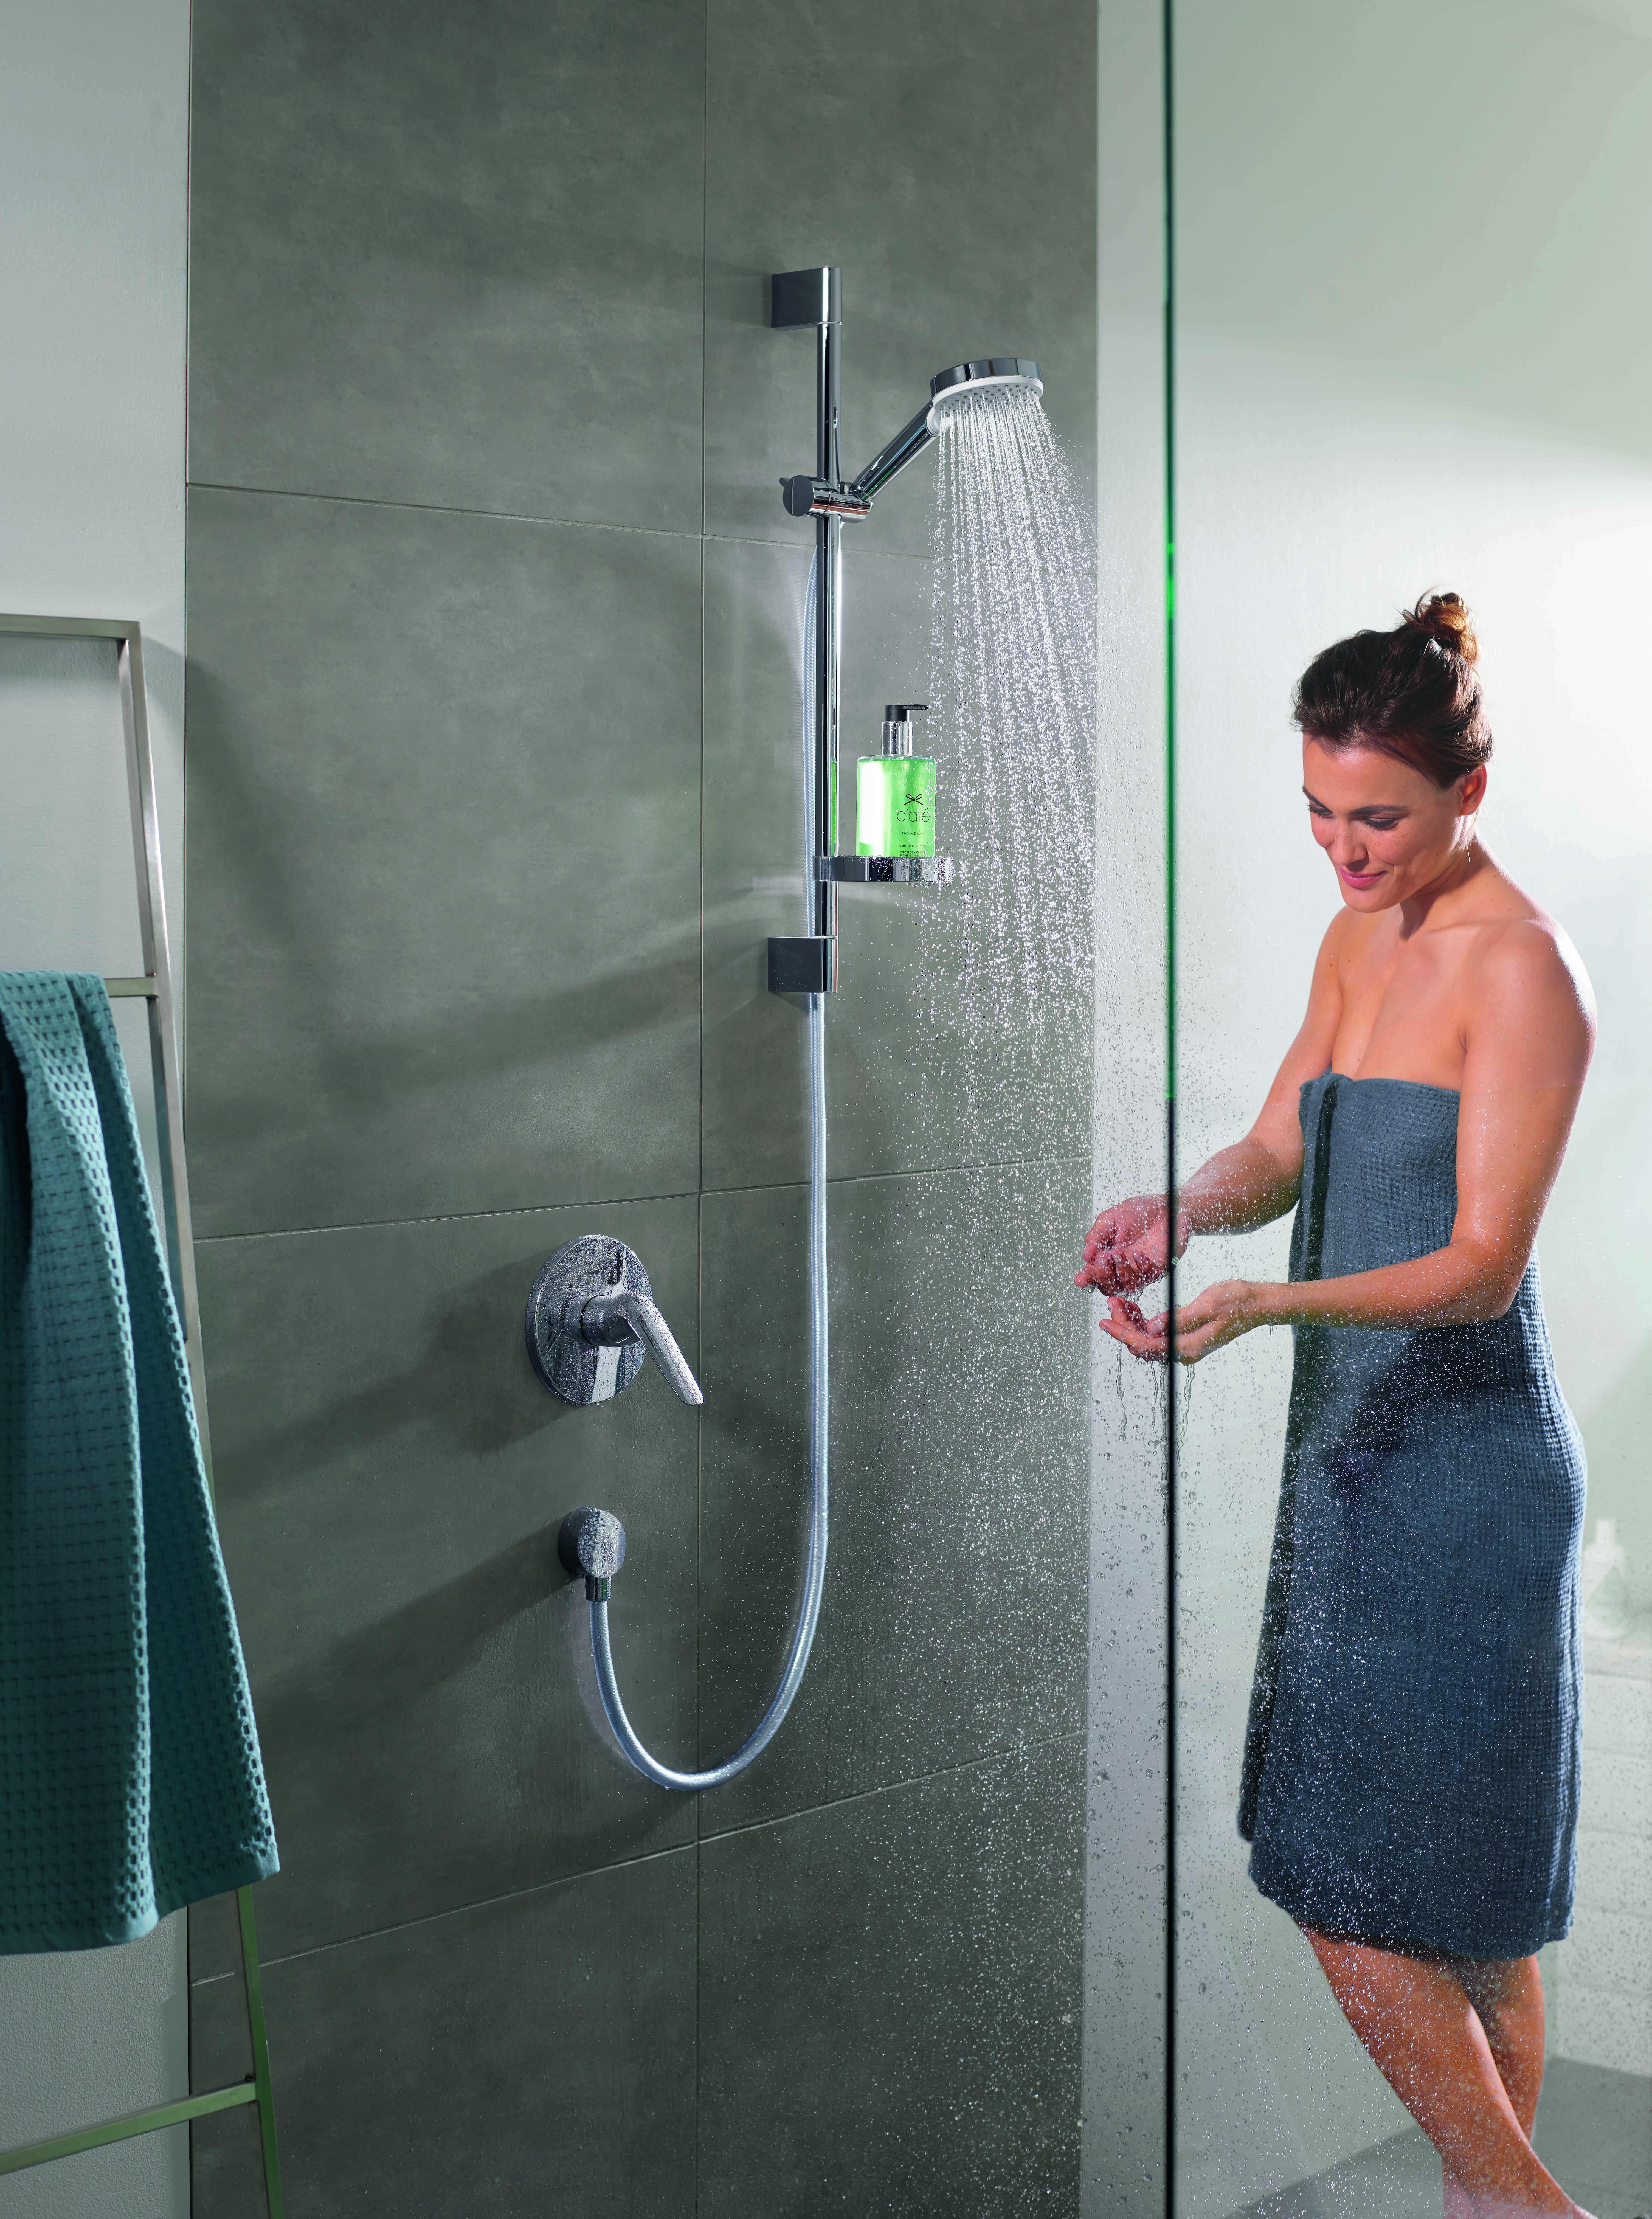 Modern bathroom mixers: hansgrohe Novus shower mixers work well with ...